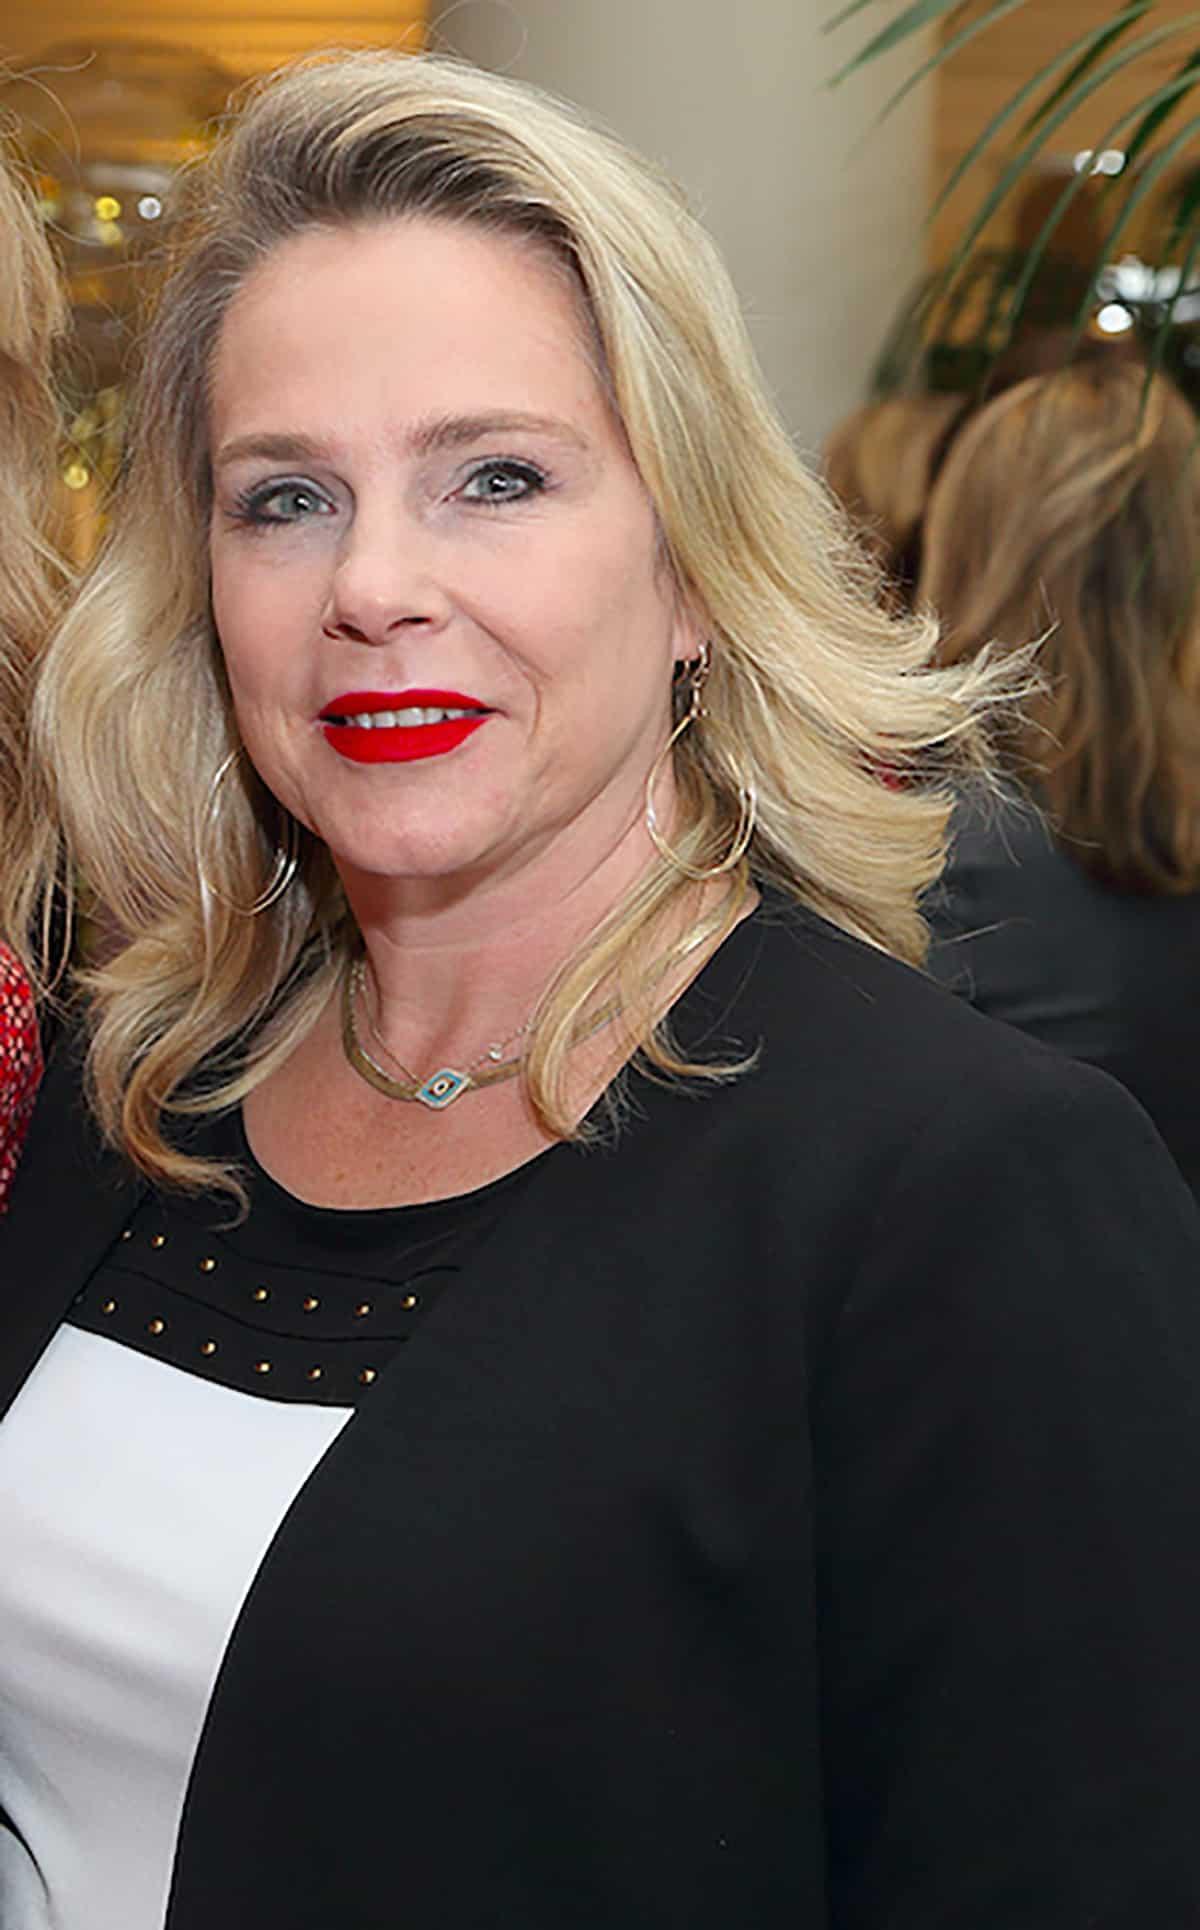 Tina Zillman